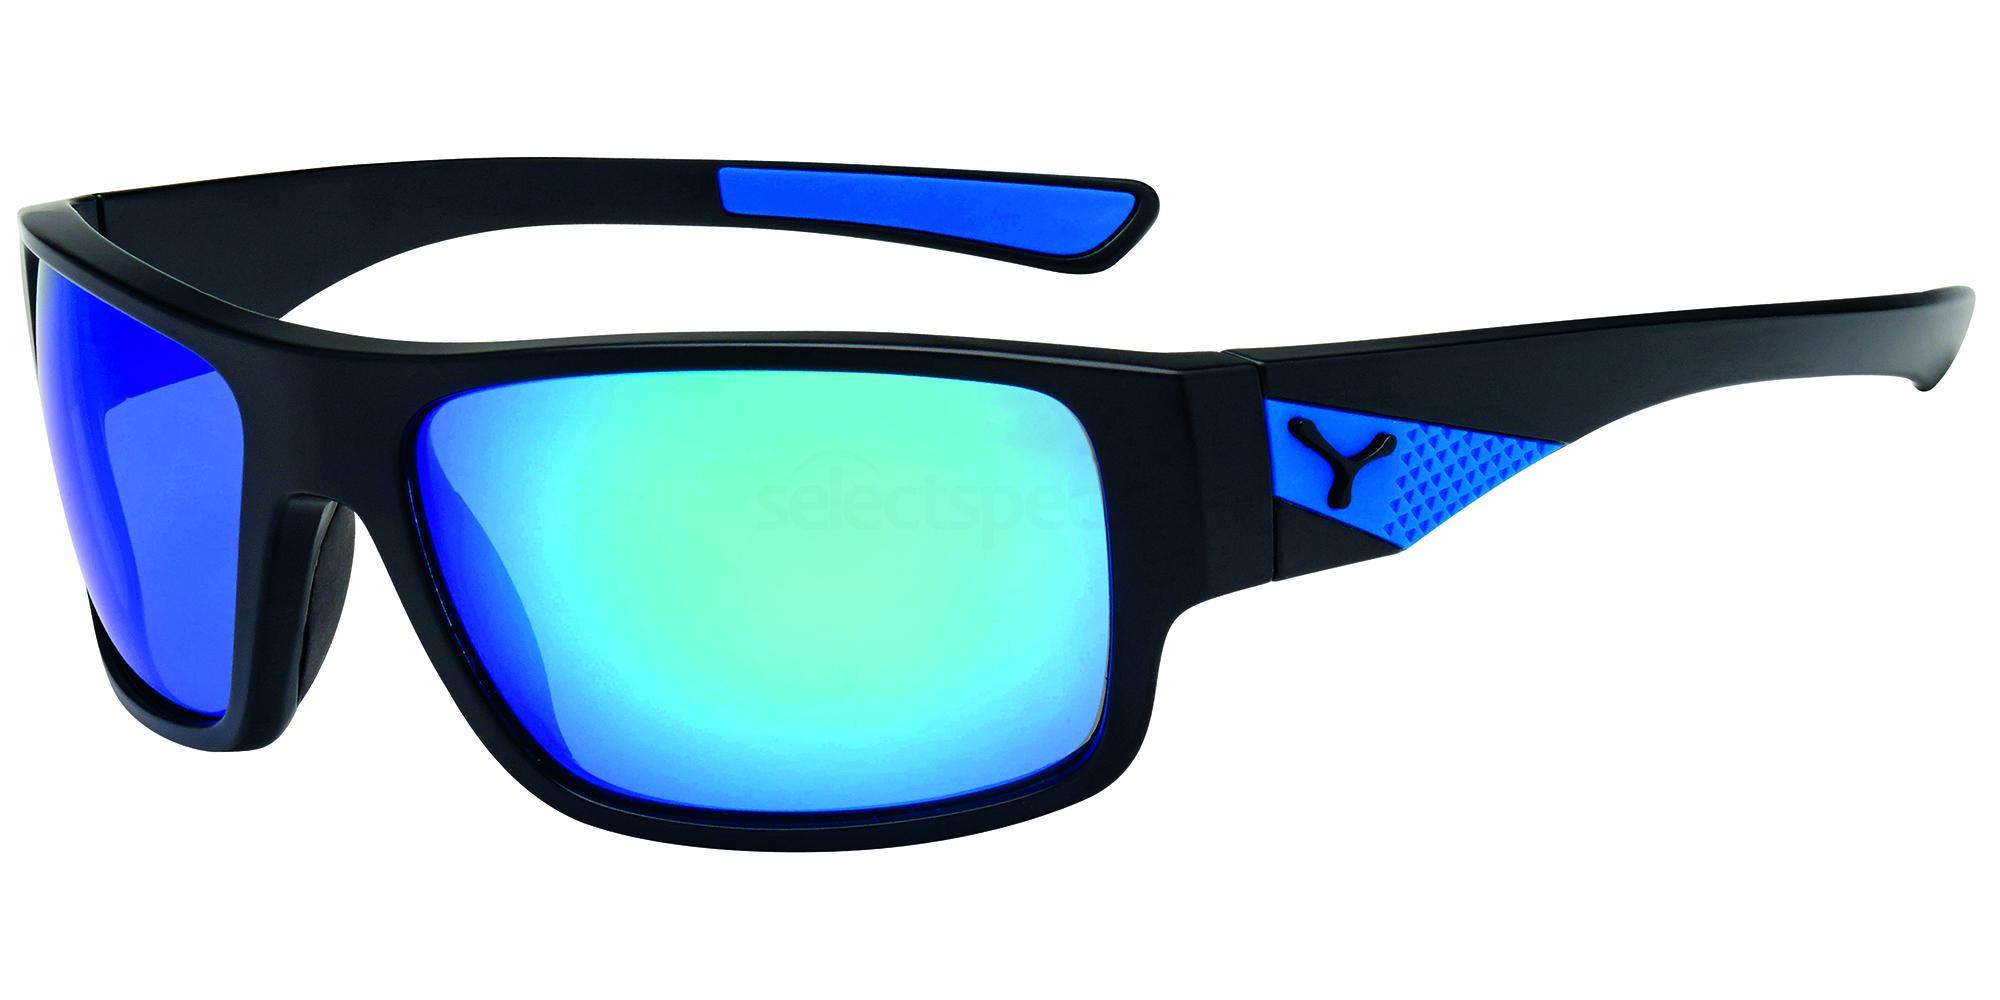 CBWHISP2 Whisper Sunglasses, Cebe